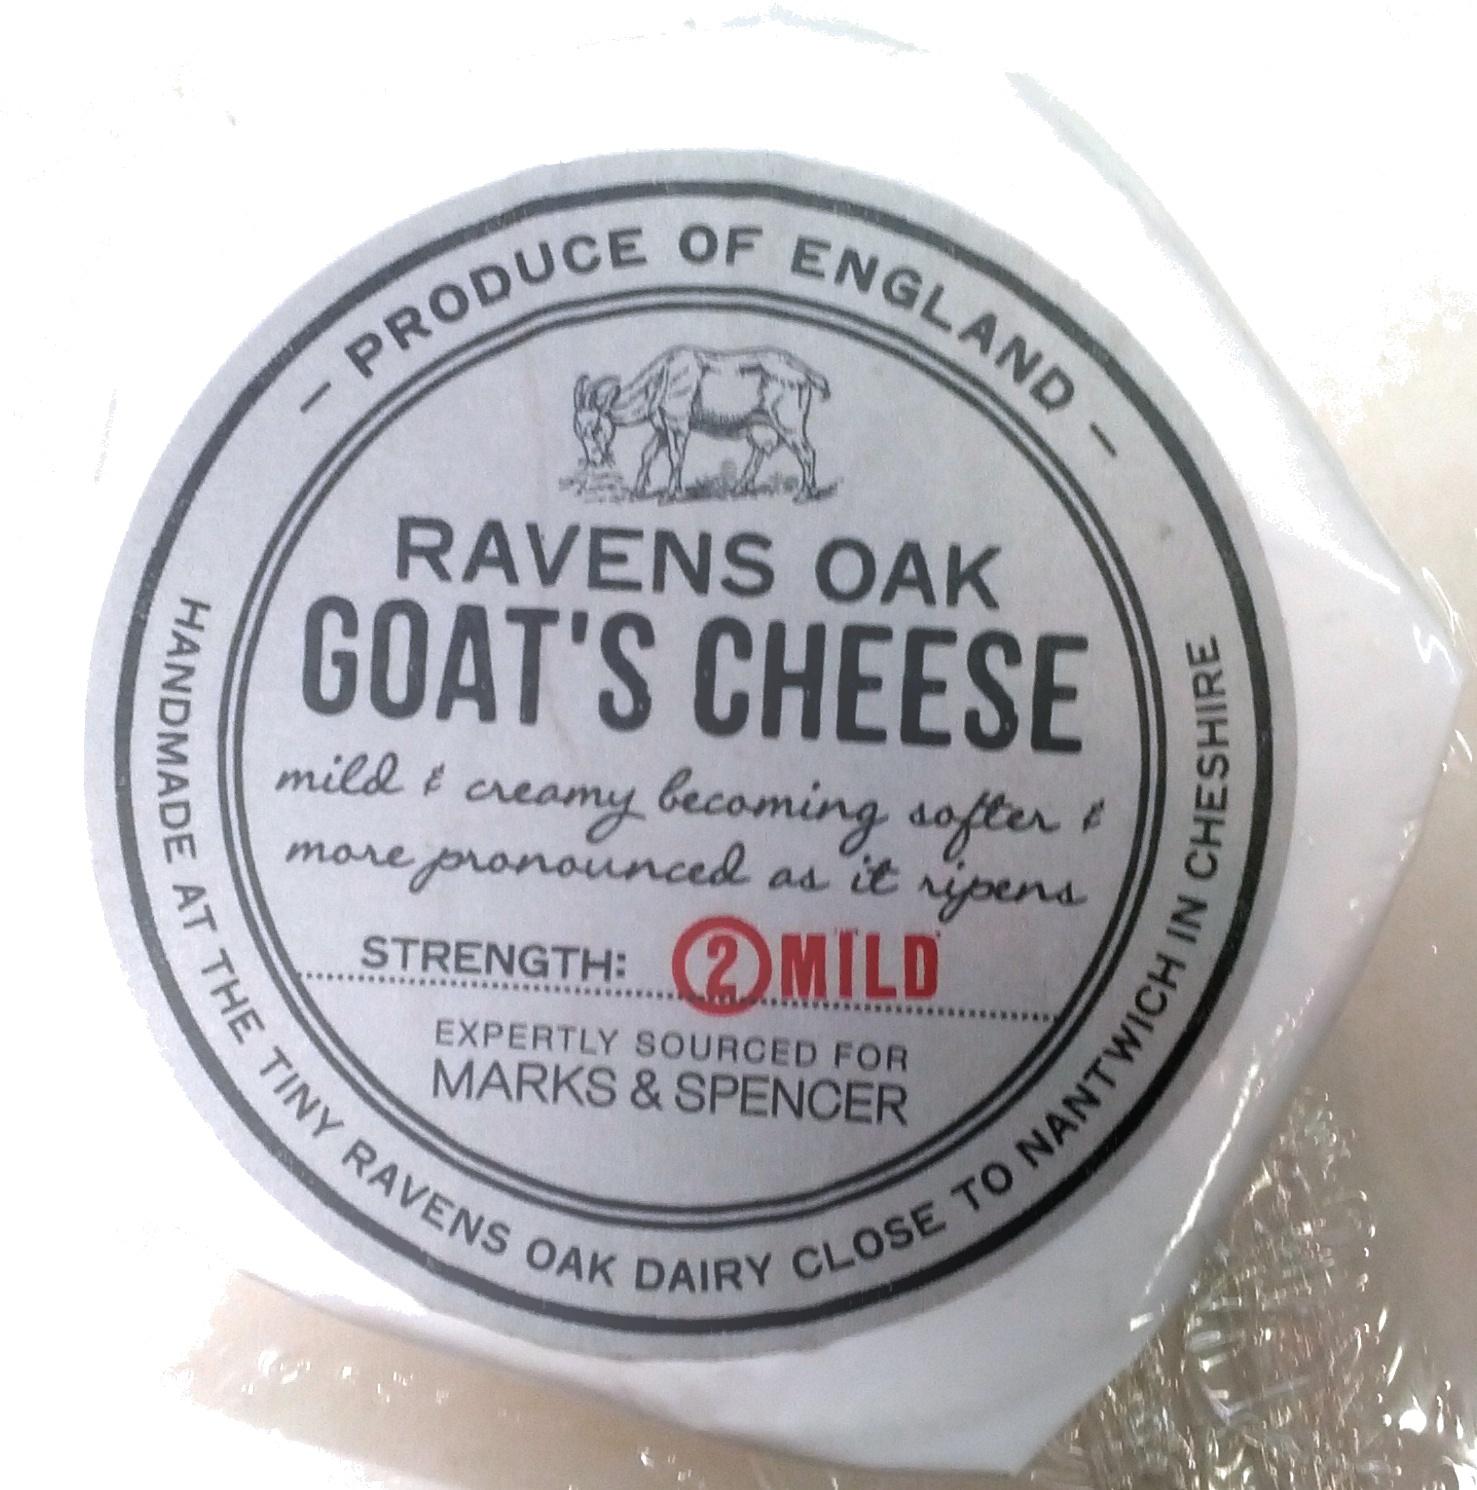 Ravens Oak Goat's Cheese - Prodotto - en